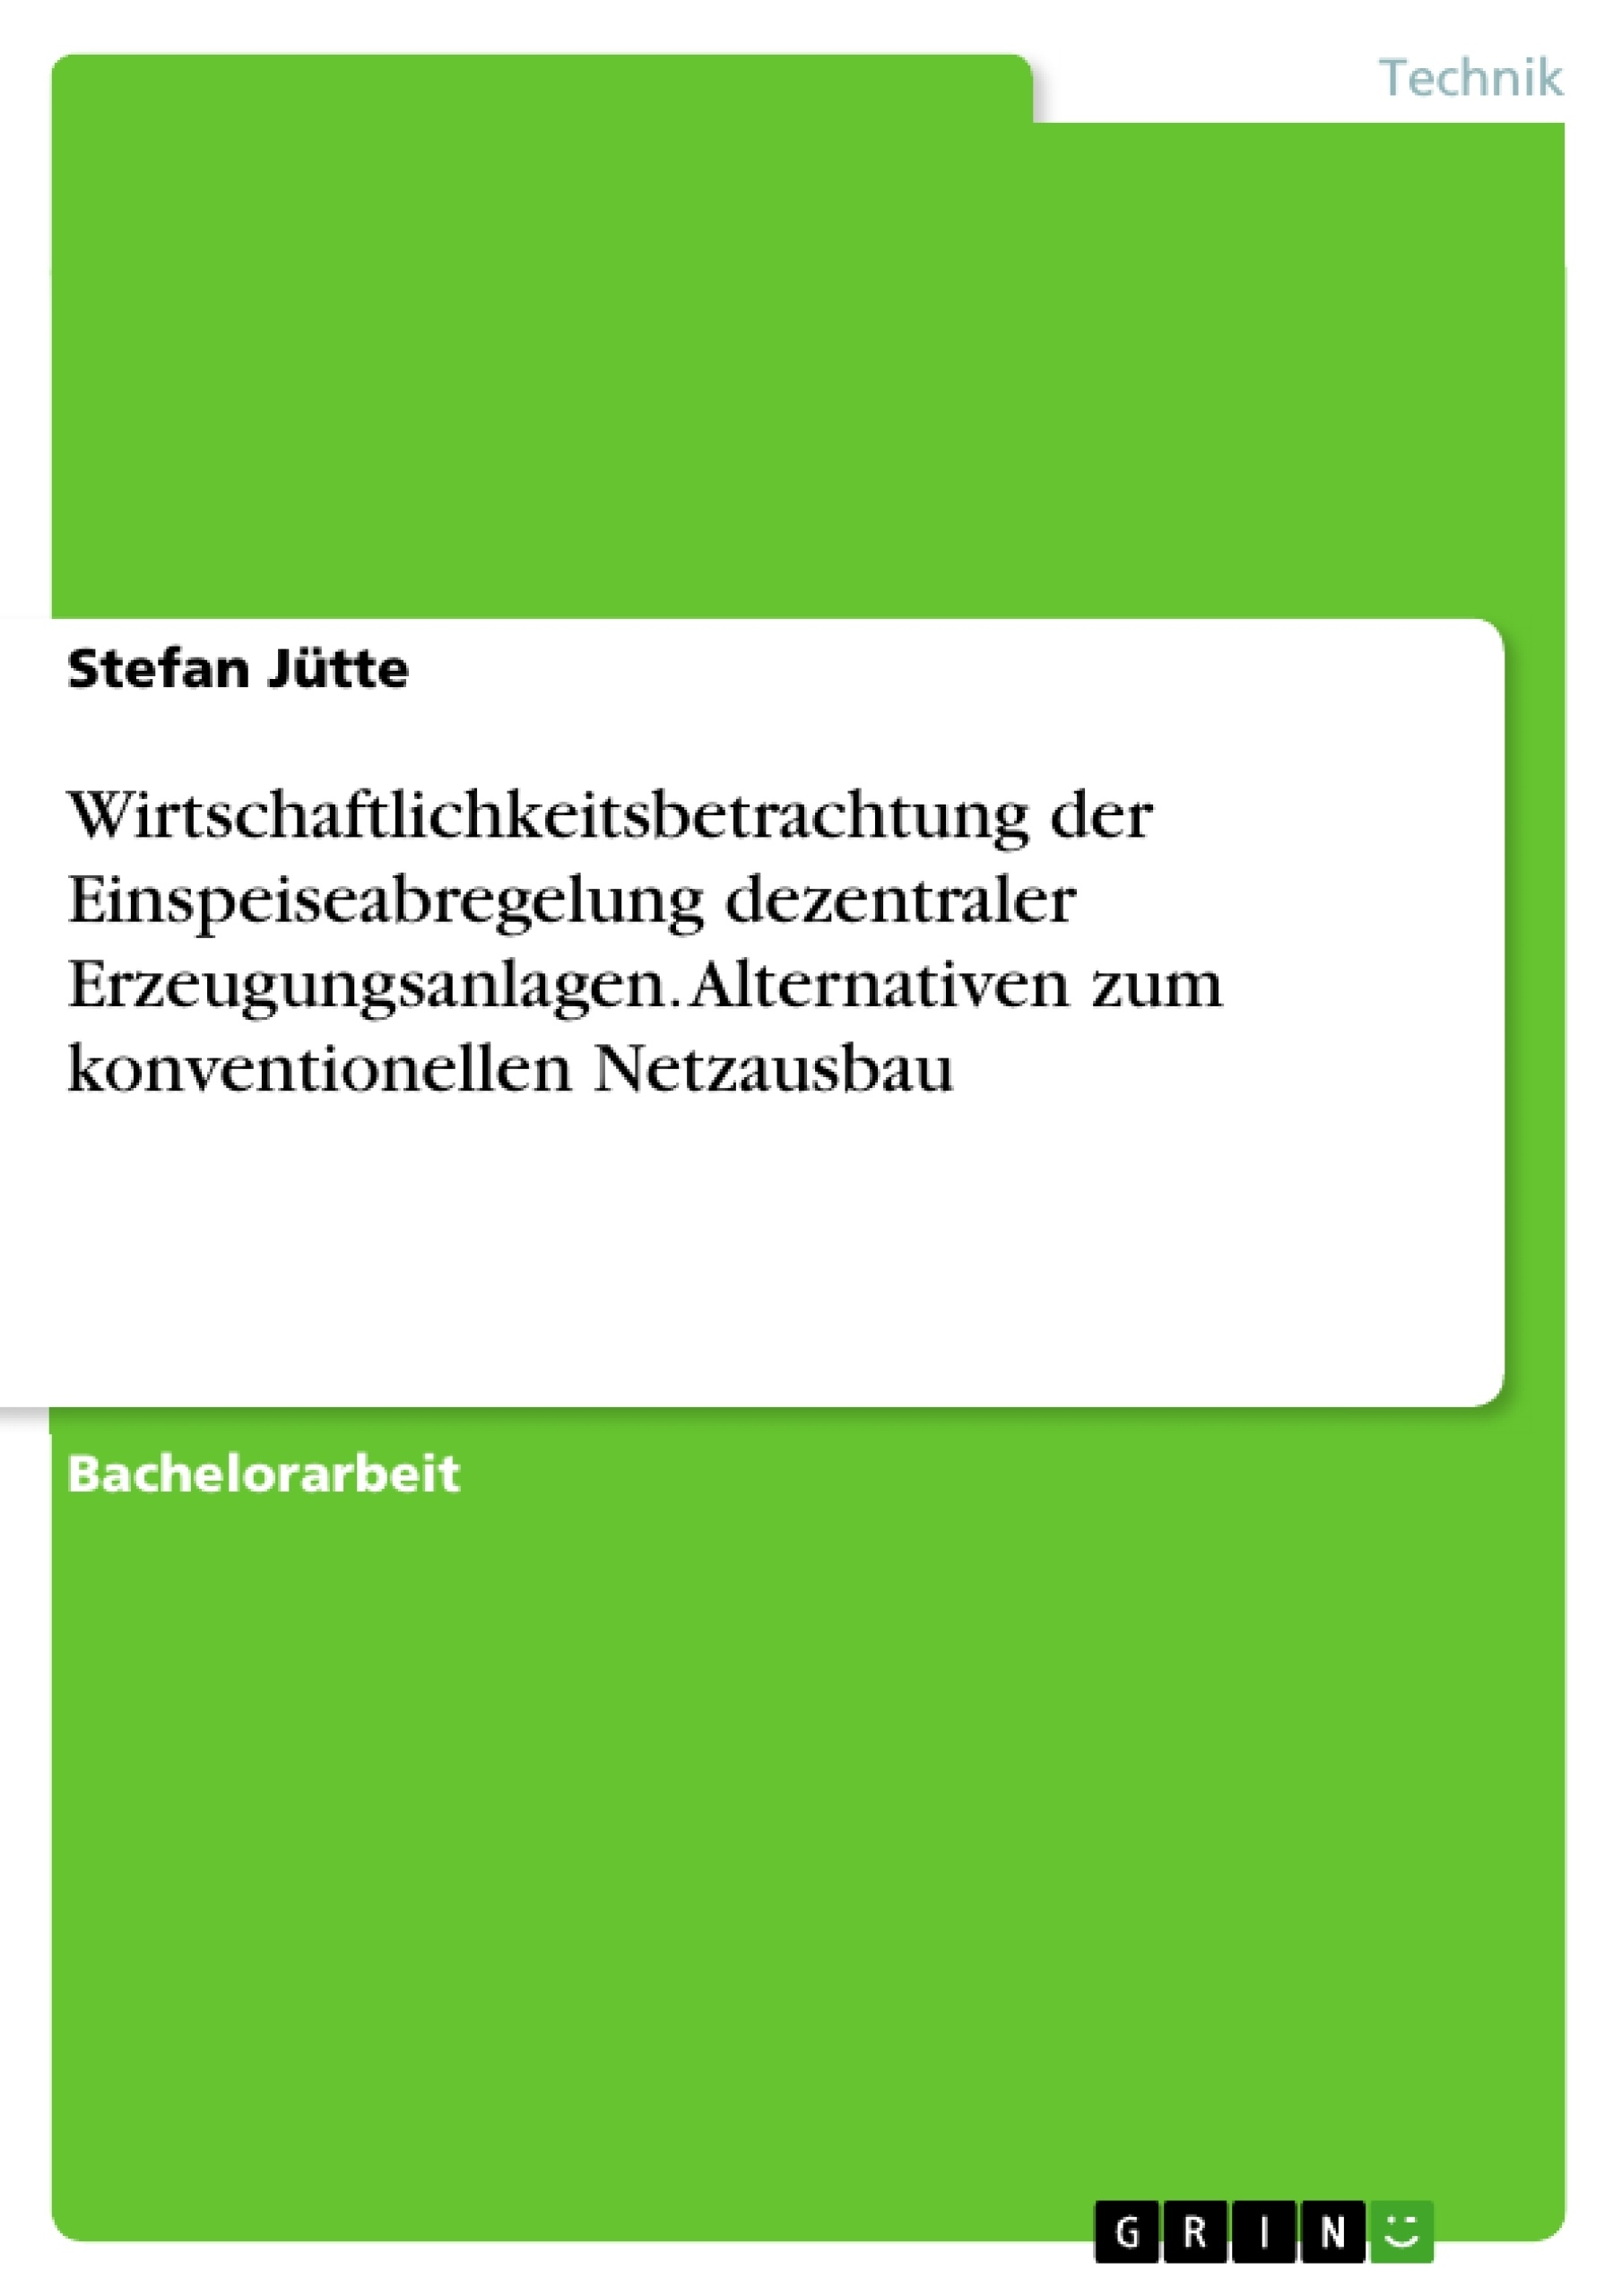 Titel: Wirtschaftlichkeitsbetrachtung der Einspeiseabregelung dezentraler Erzeugungsanlagen. Alternativen zum konventionellen Netzausbau